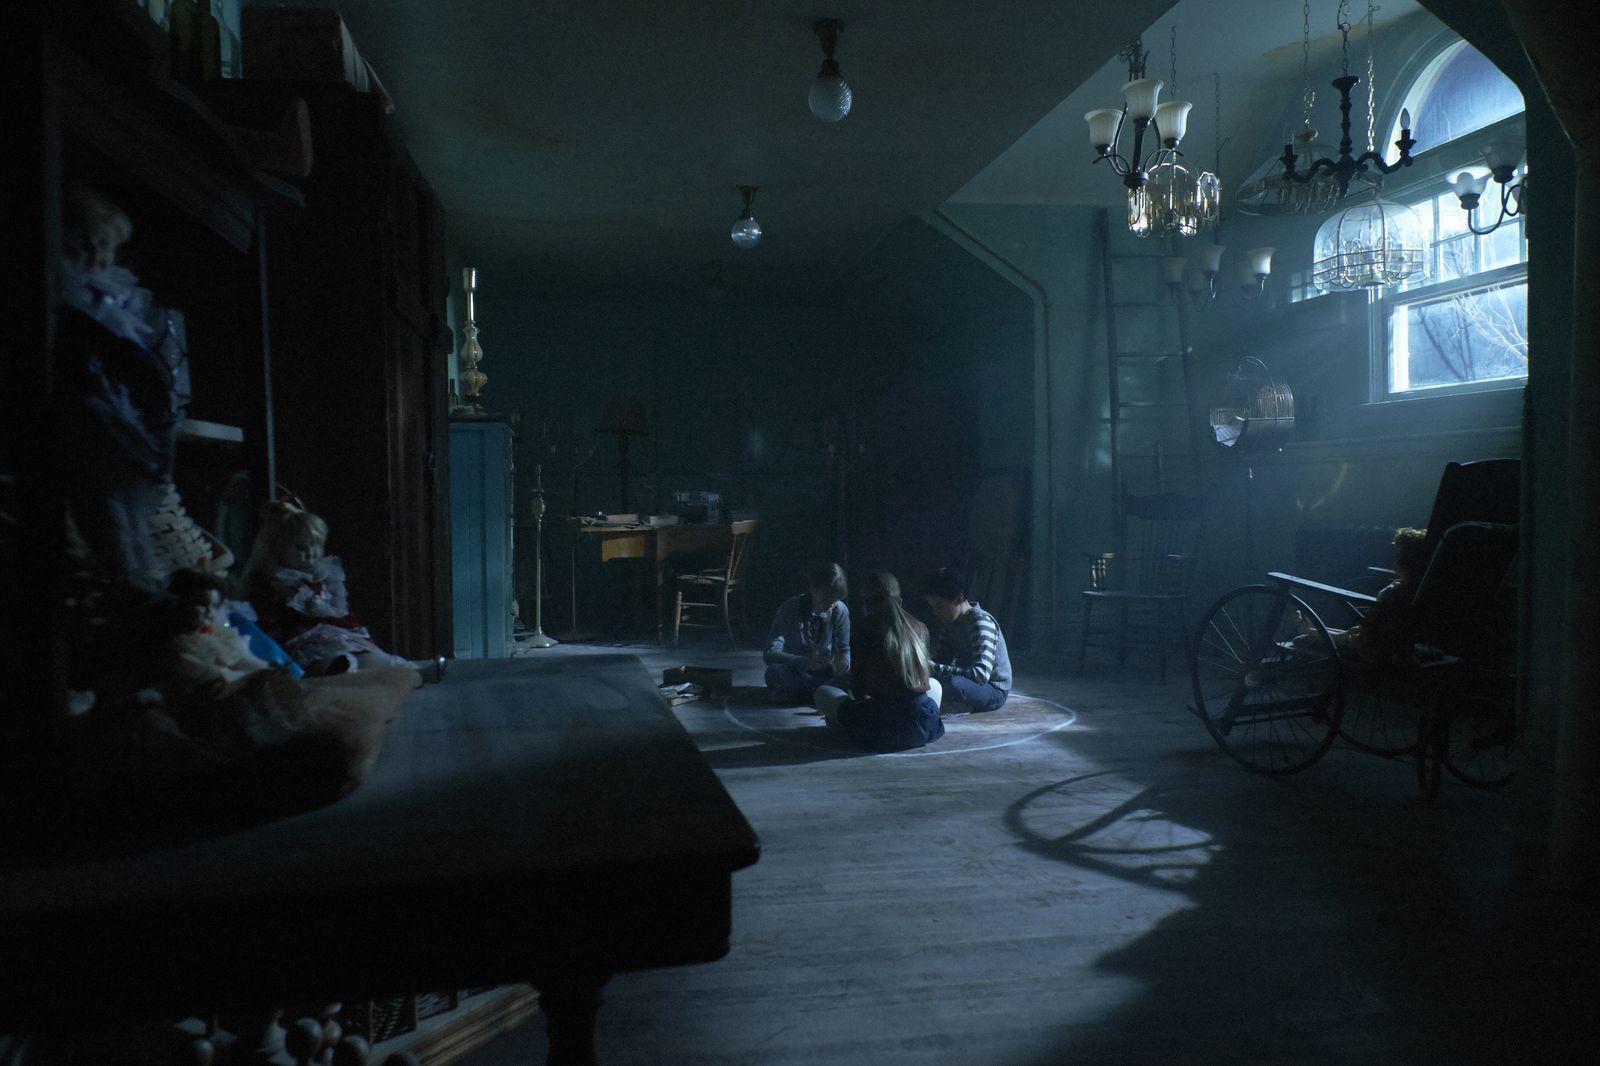 The Midnight Man - Trò chơi ma quỷ đáng sợ chẳng kém gì cầu cơ Ouija - Ảnh 1.